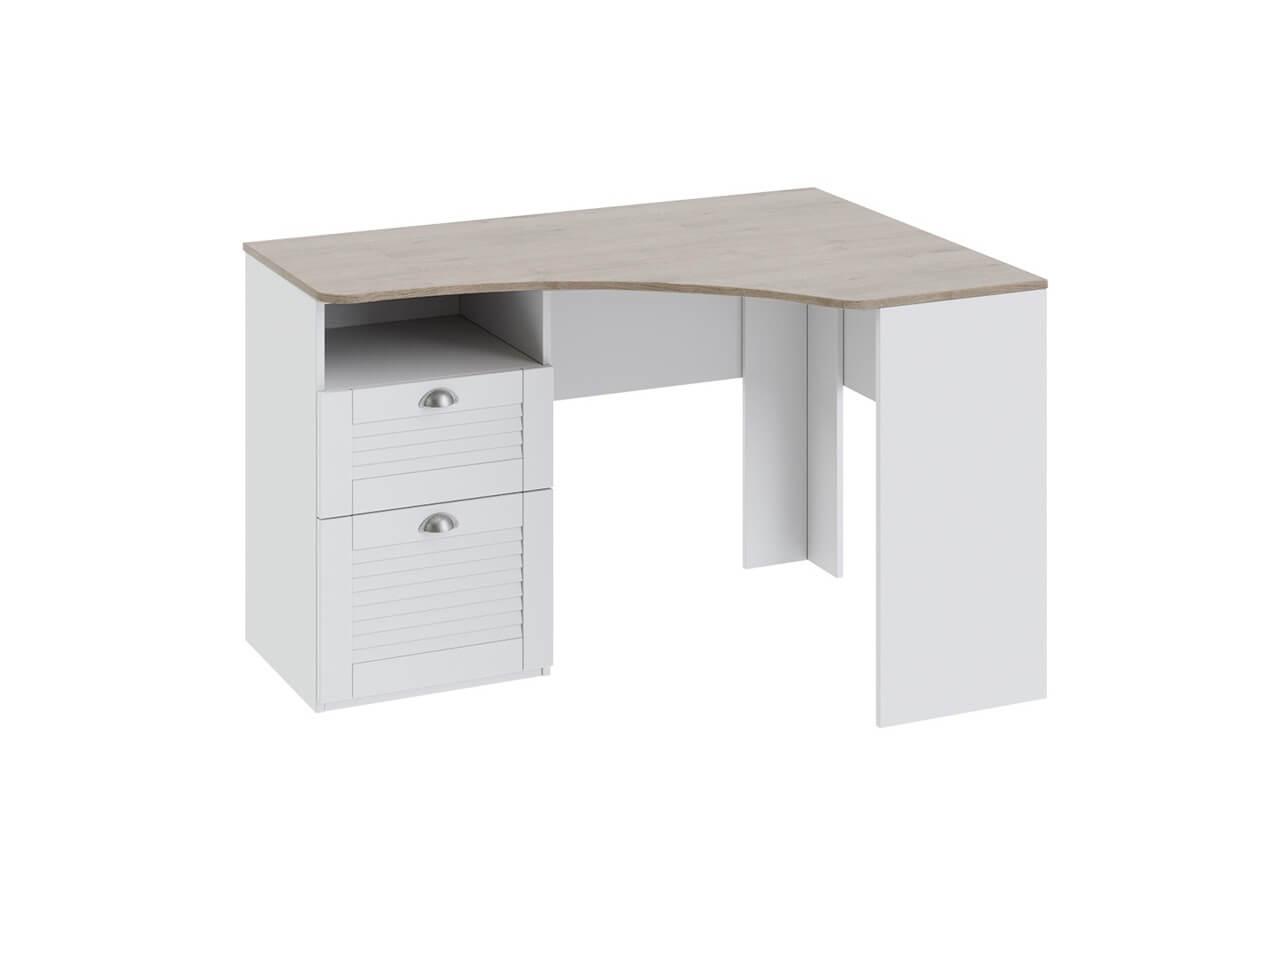 Угловой письменный стол с ящиками Ривьера ТД-241-15-03 1210х890х758